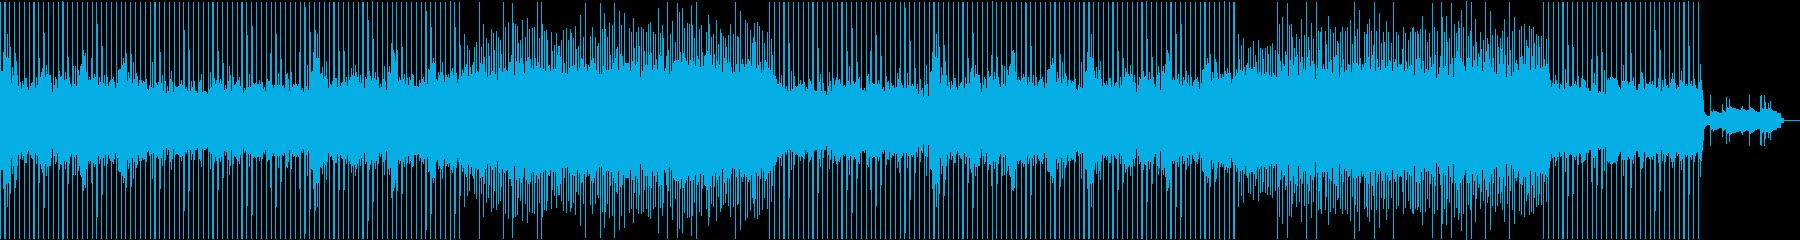 切ない今風のポップ・ミュージックの再生済みの波形